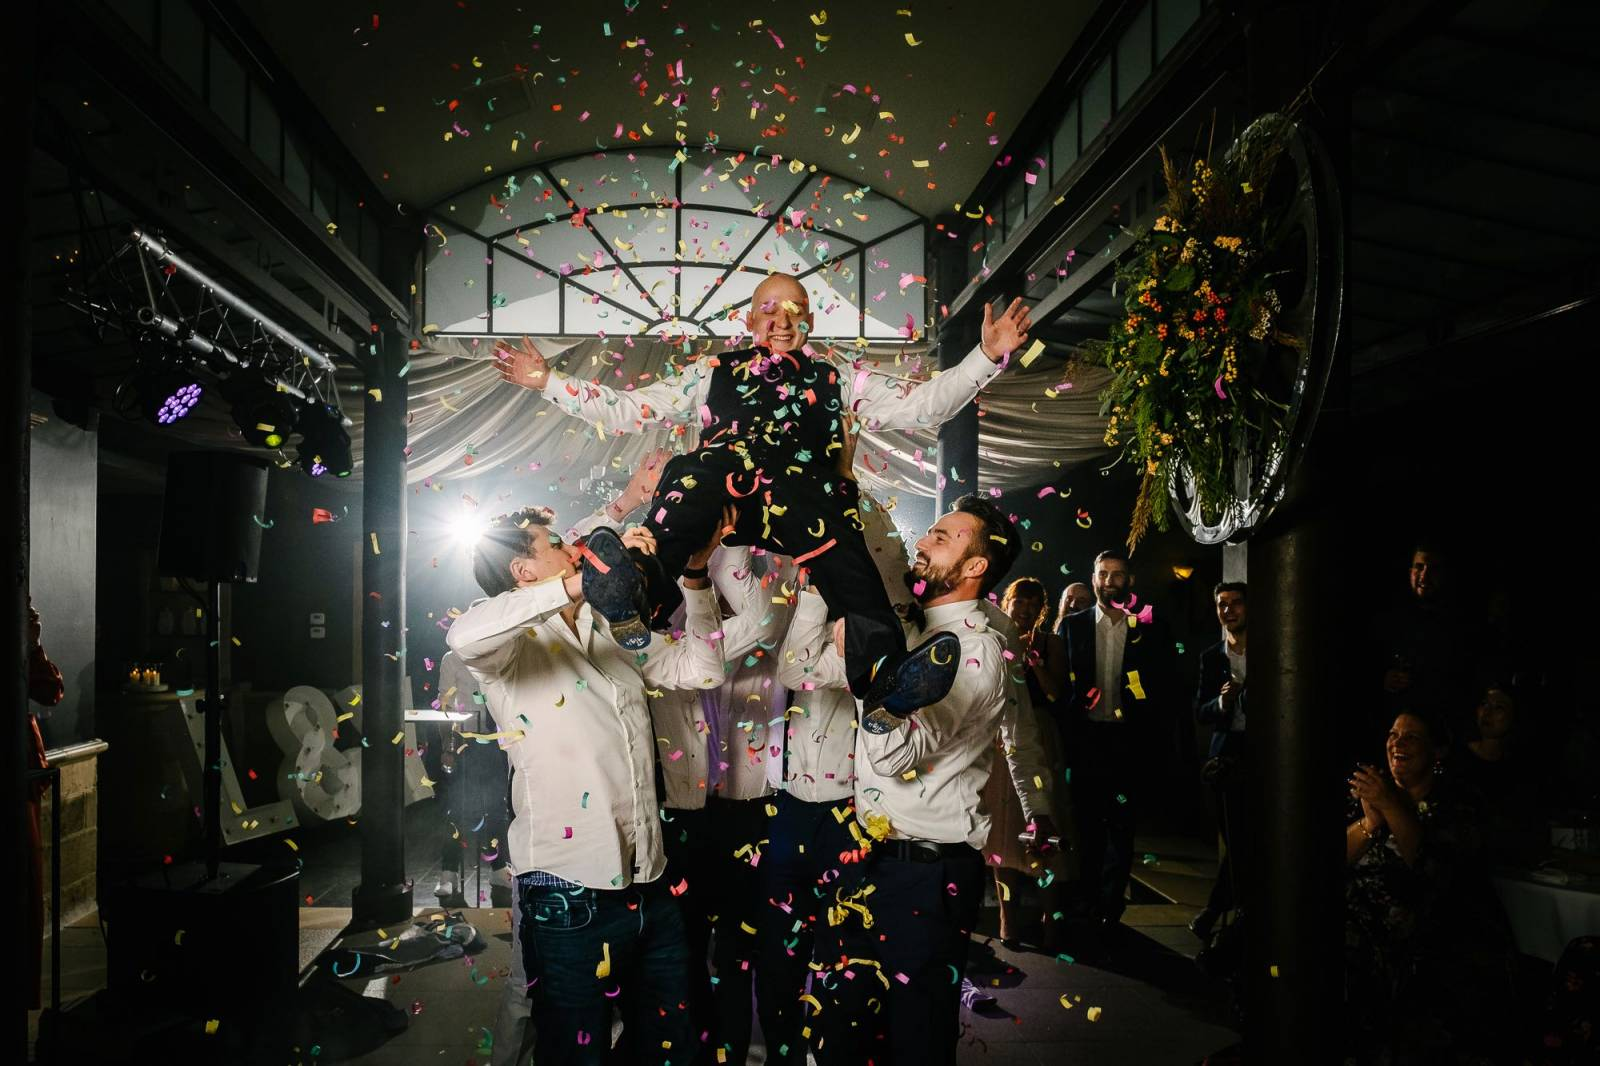 Jonas De Gent - Huwelijksfotograaf - House of Weddings - 8